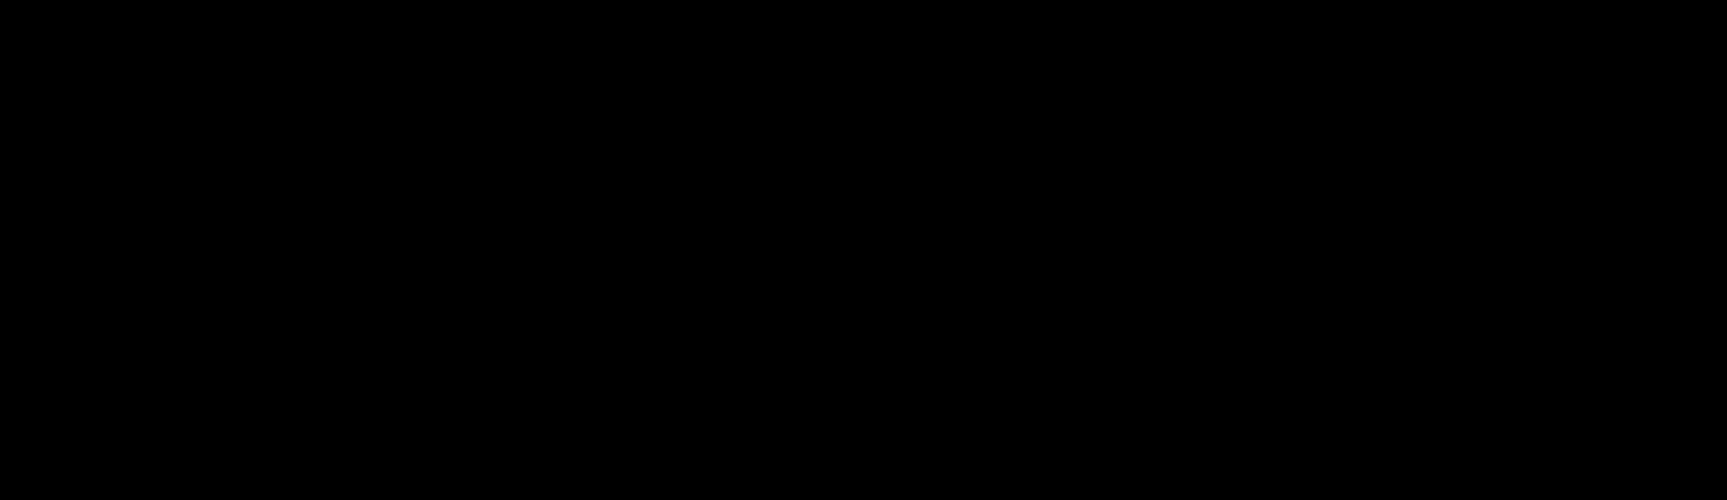 Diehls